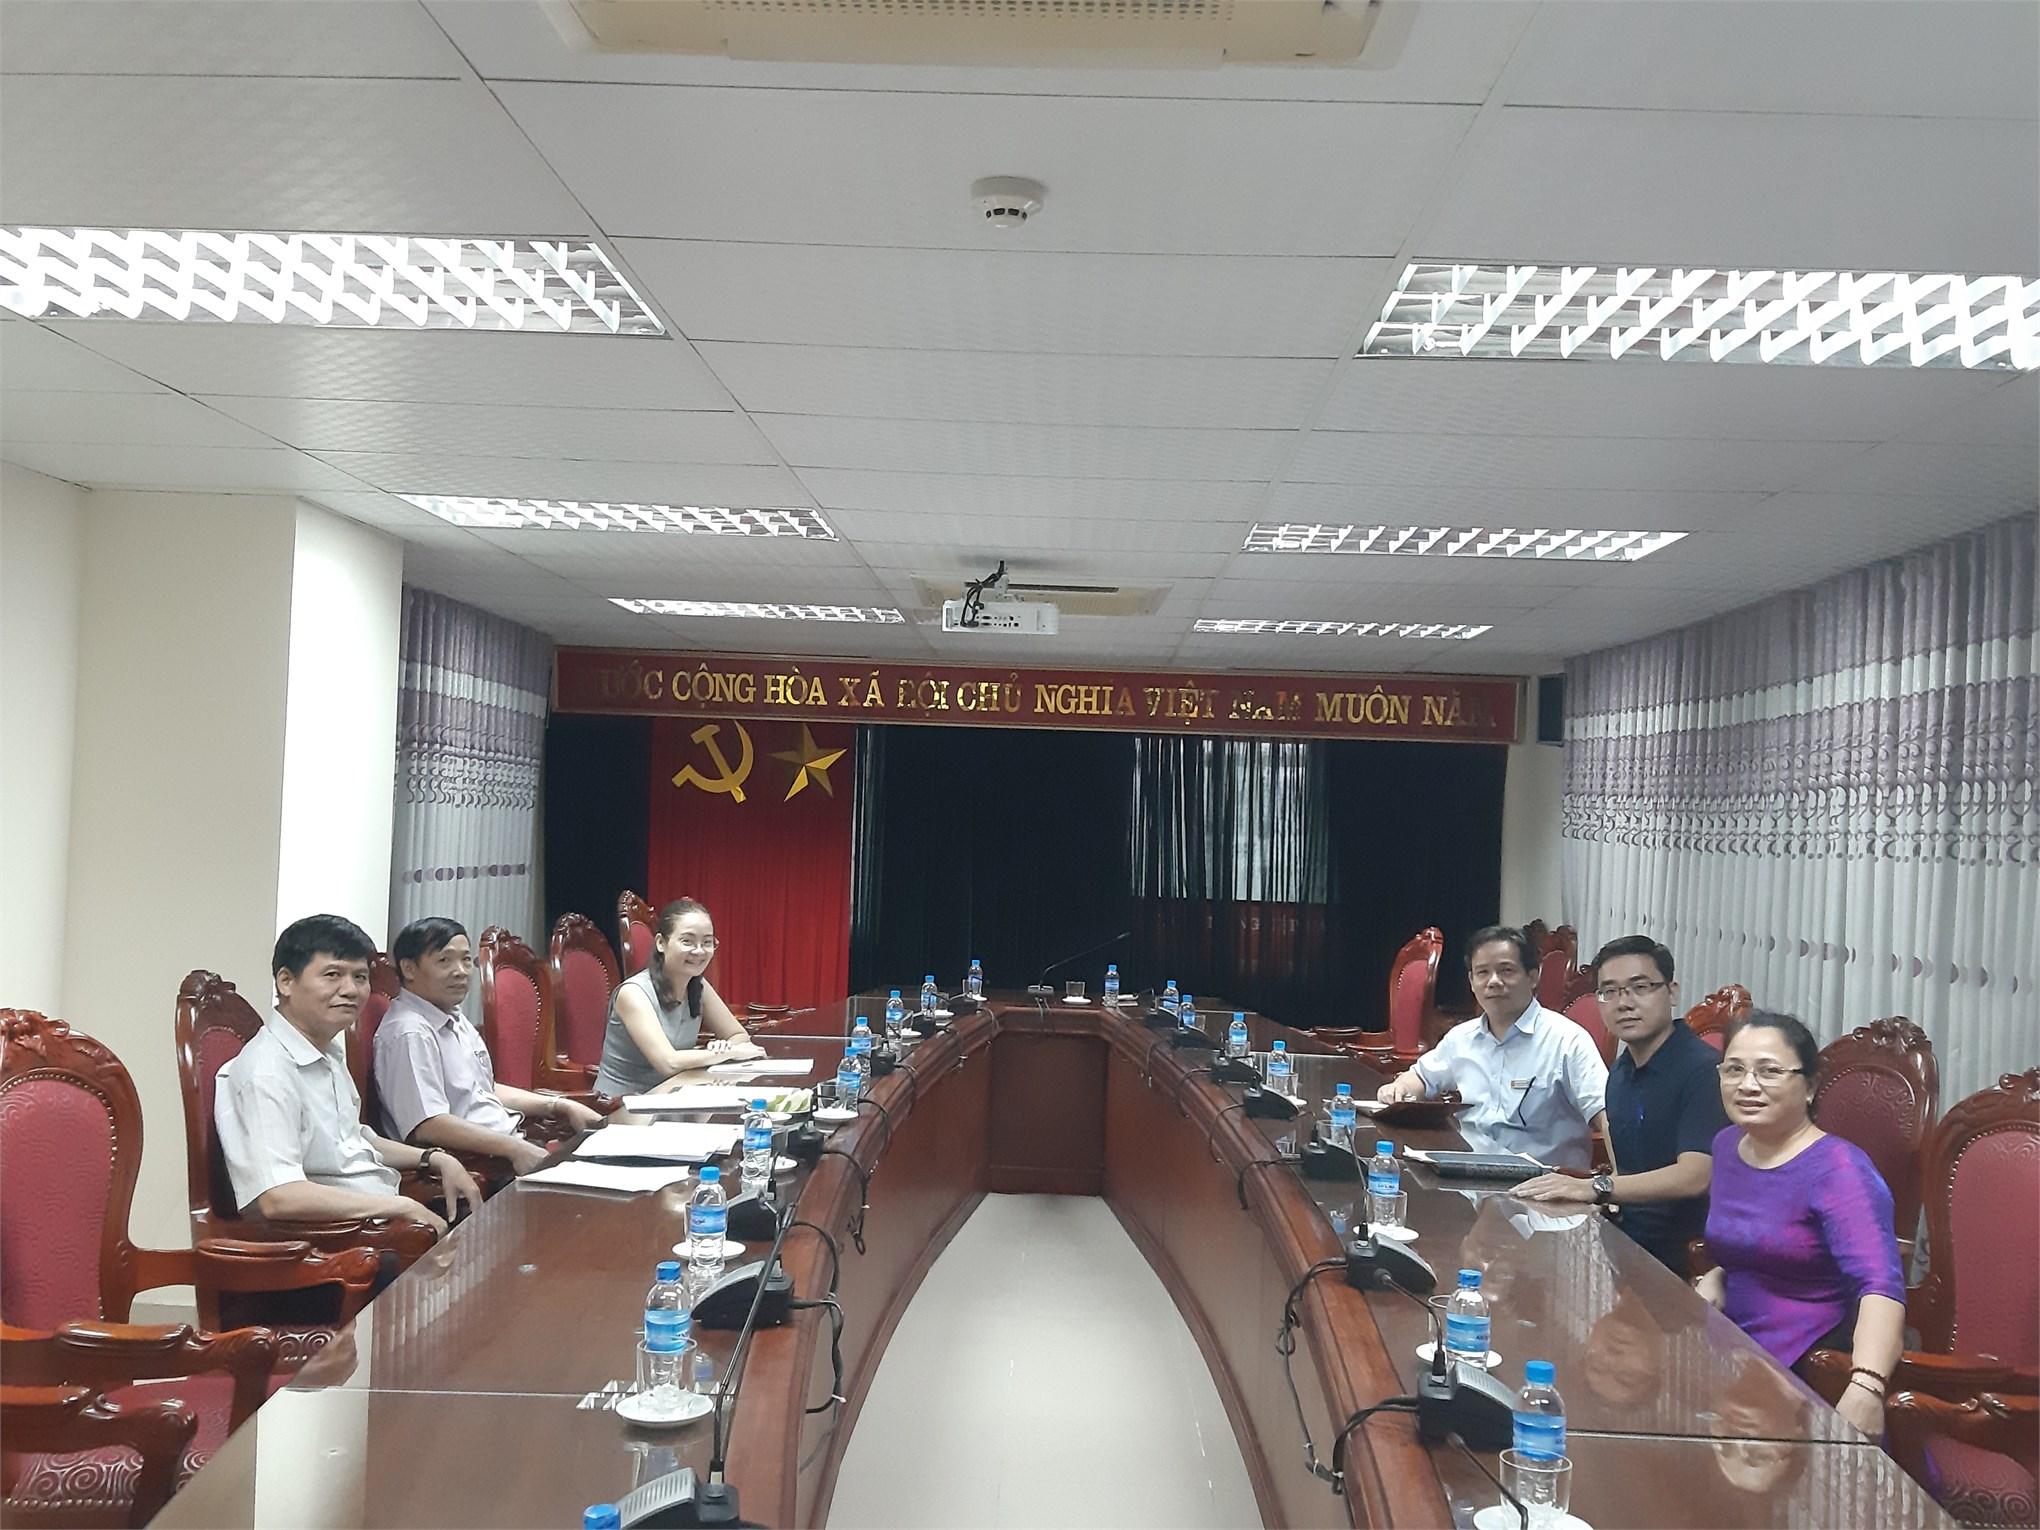 Trung tâm đào tạo Sau đại học, Tổ chức Hội nghị công chức, viên chức, người lao động. Tổng kết năm học 2018-2019 và triển khai nhiệm vụ năm học 2019-2020.